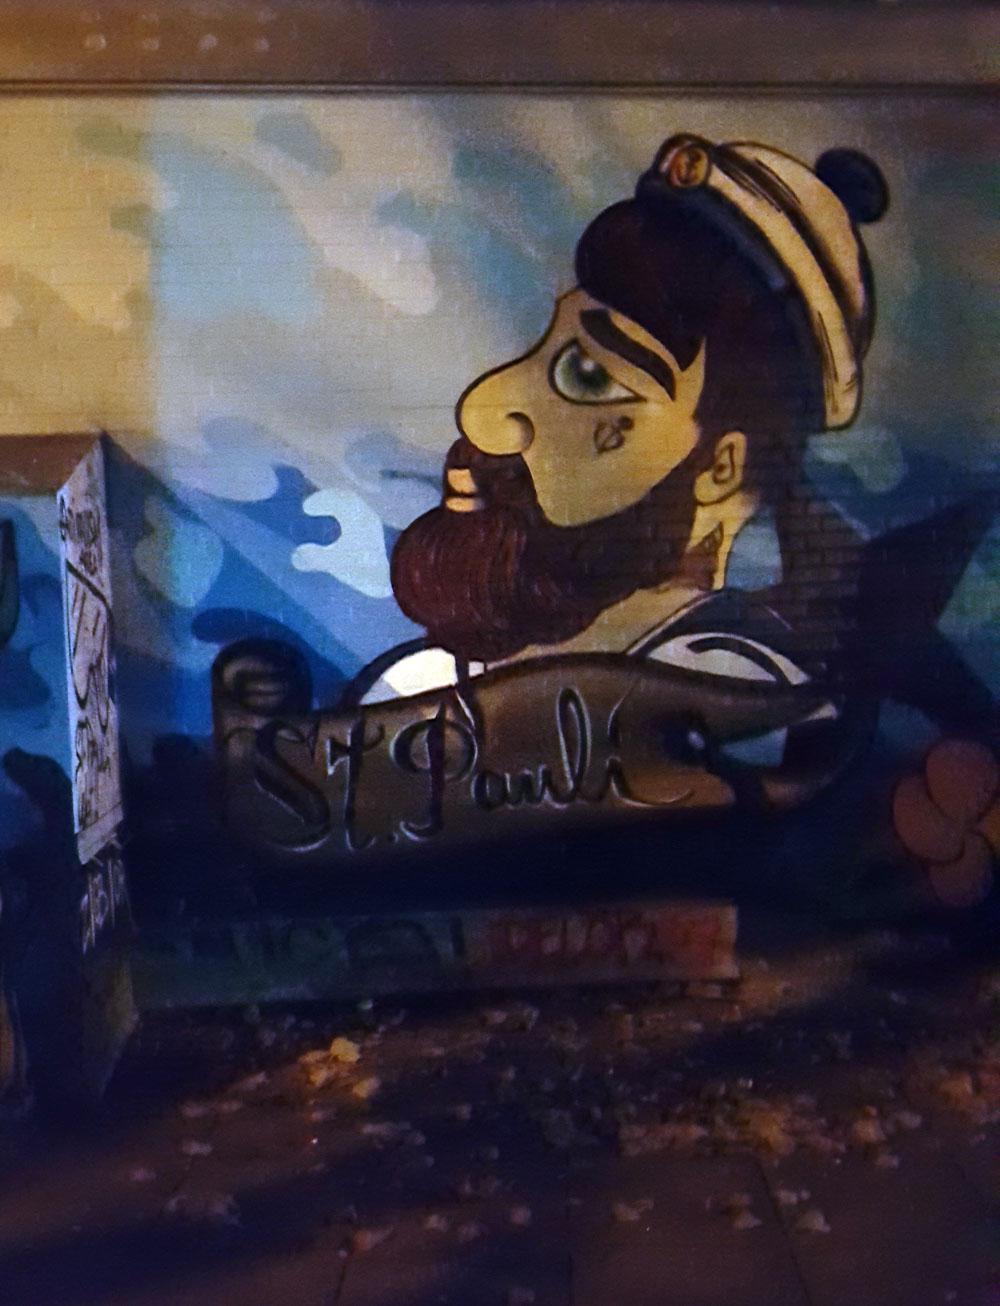 Seemann-Graffiti an einer Hauswand in einer Seitenstraße in St. Pauli